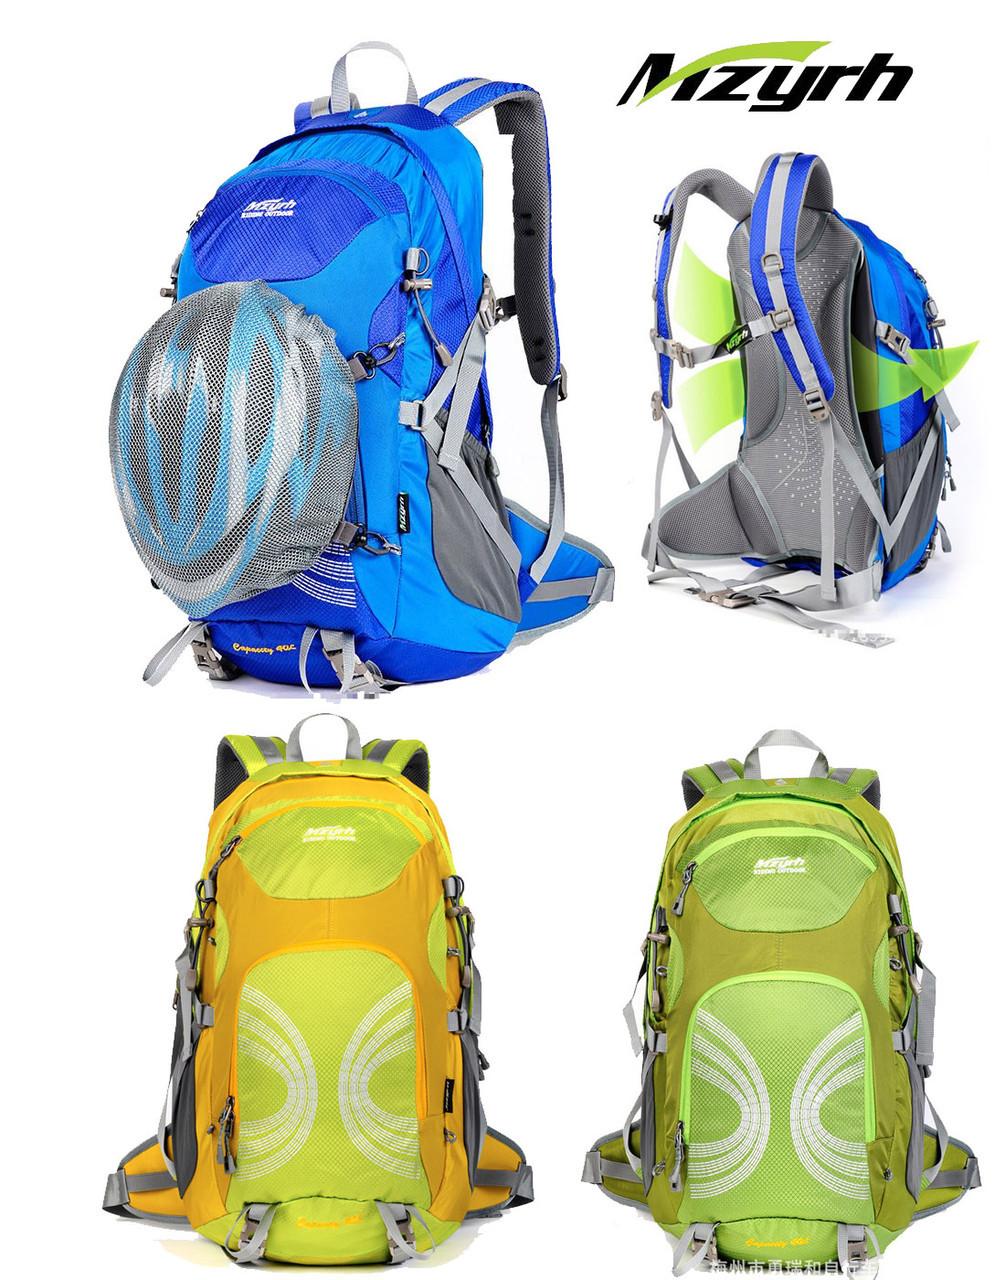 """Велорюкзак TM """"Mzyrh"""" M2812 40 Л с улучшенной системой вентиляции спины (+сетка д/шлема, чехол от дождя)"""